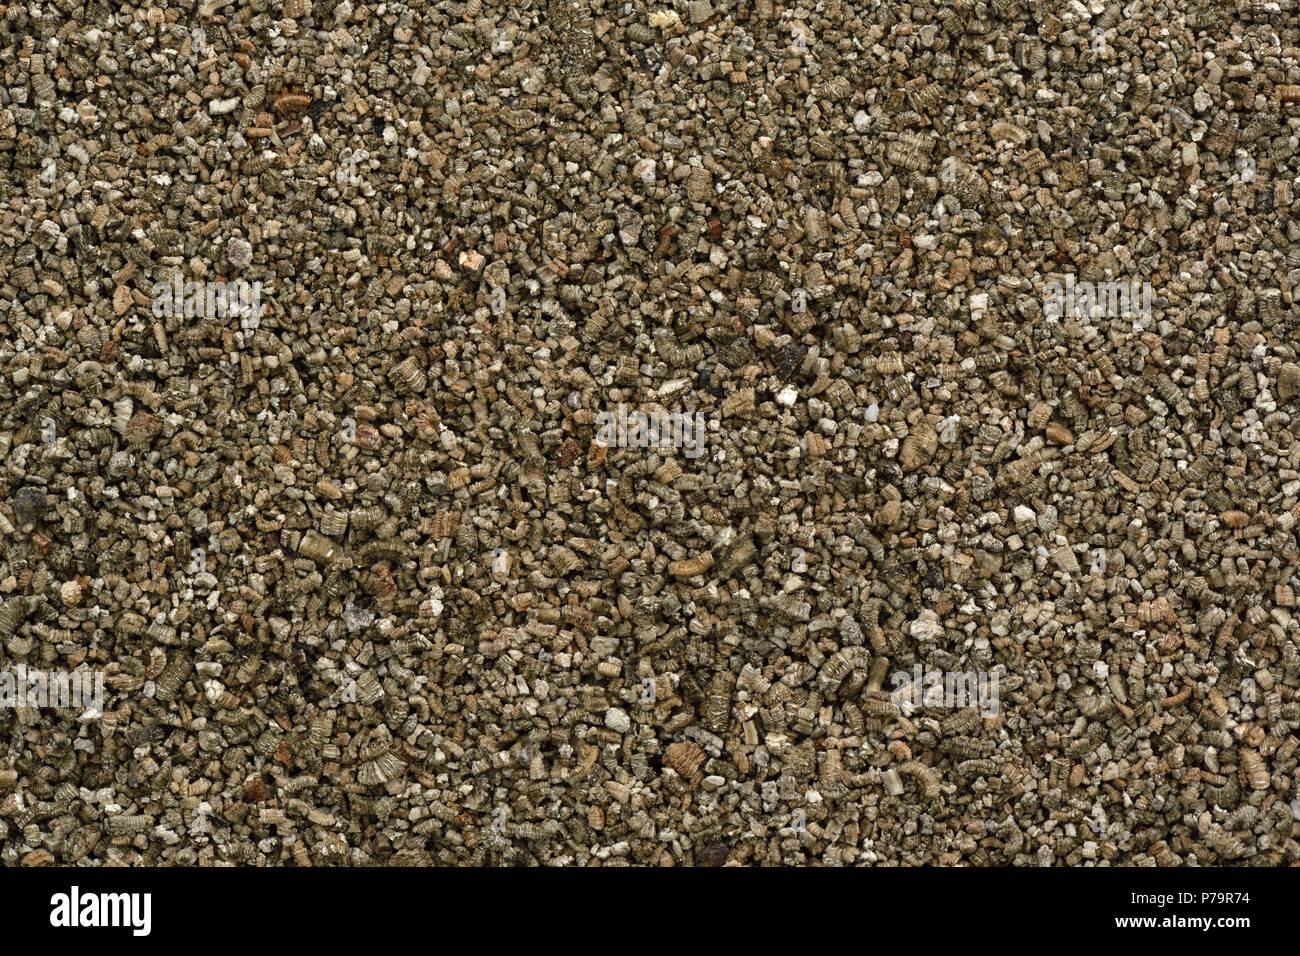 Vermiculit Partikel, Boden Änderungsantrag Mineral in Gartenbau und Gartenbau. Closeup Textur Hintergrund Stockbild